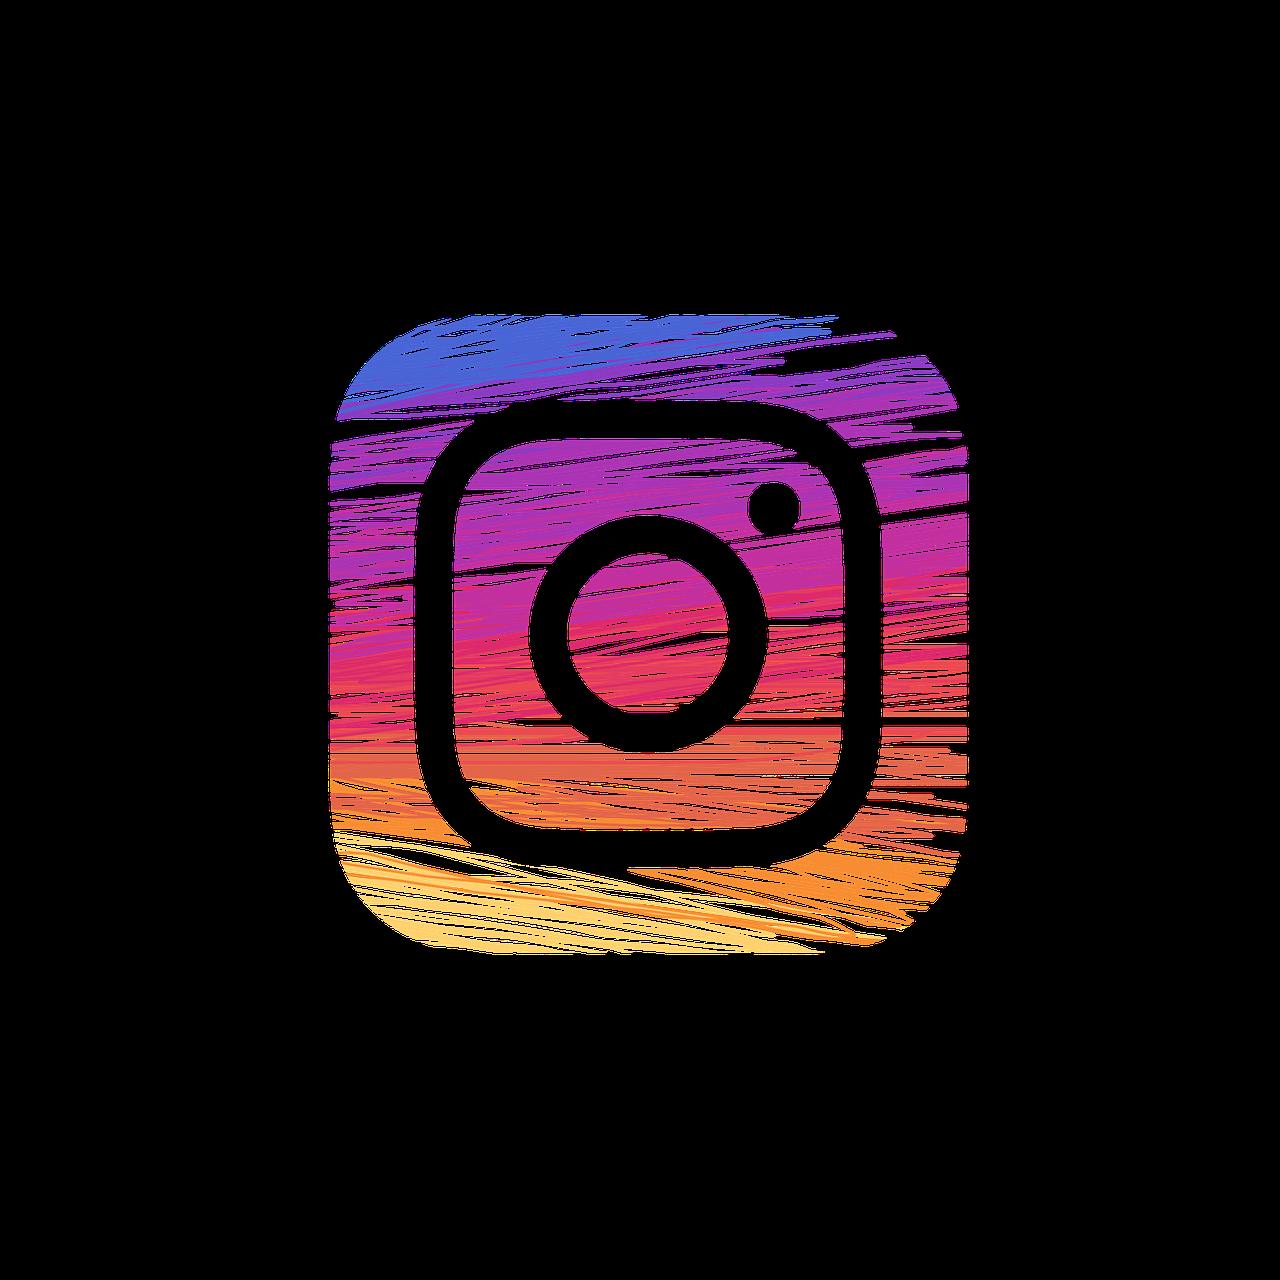 ¿Qué objetivos quieres conseguir con Instagram?